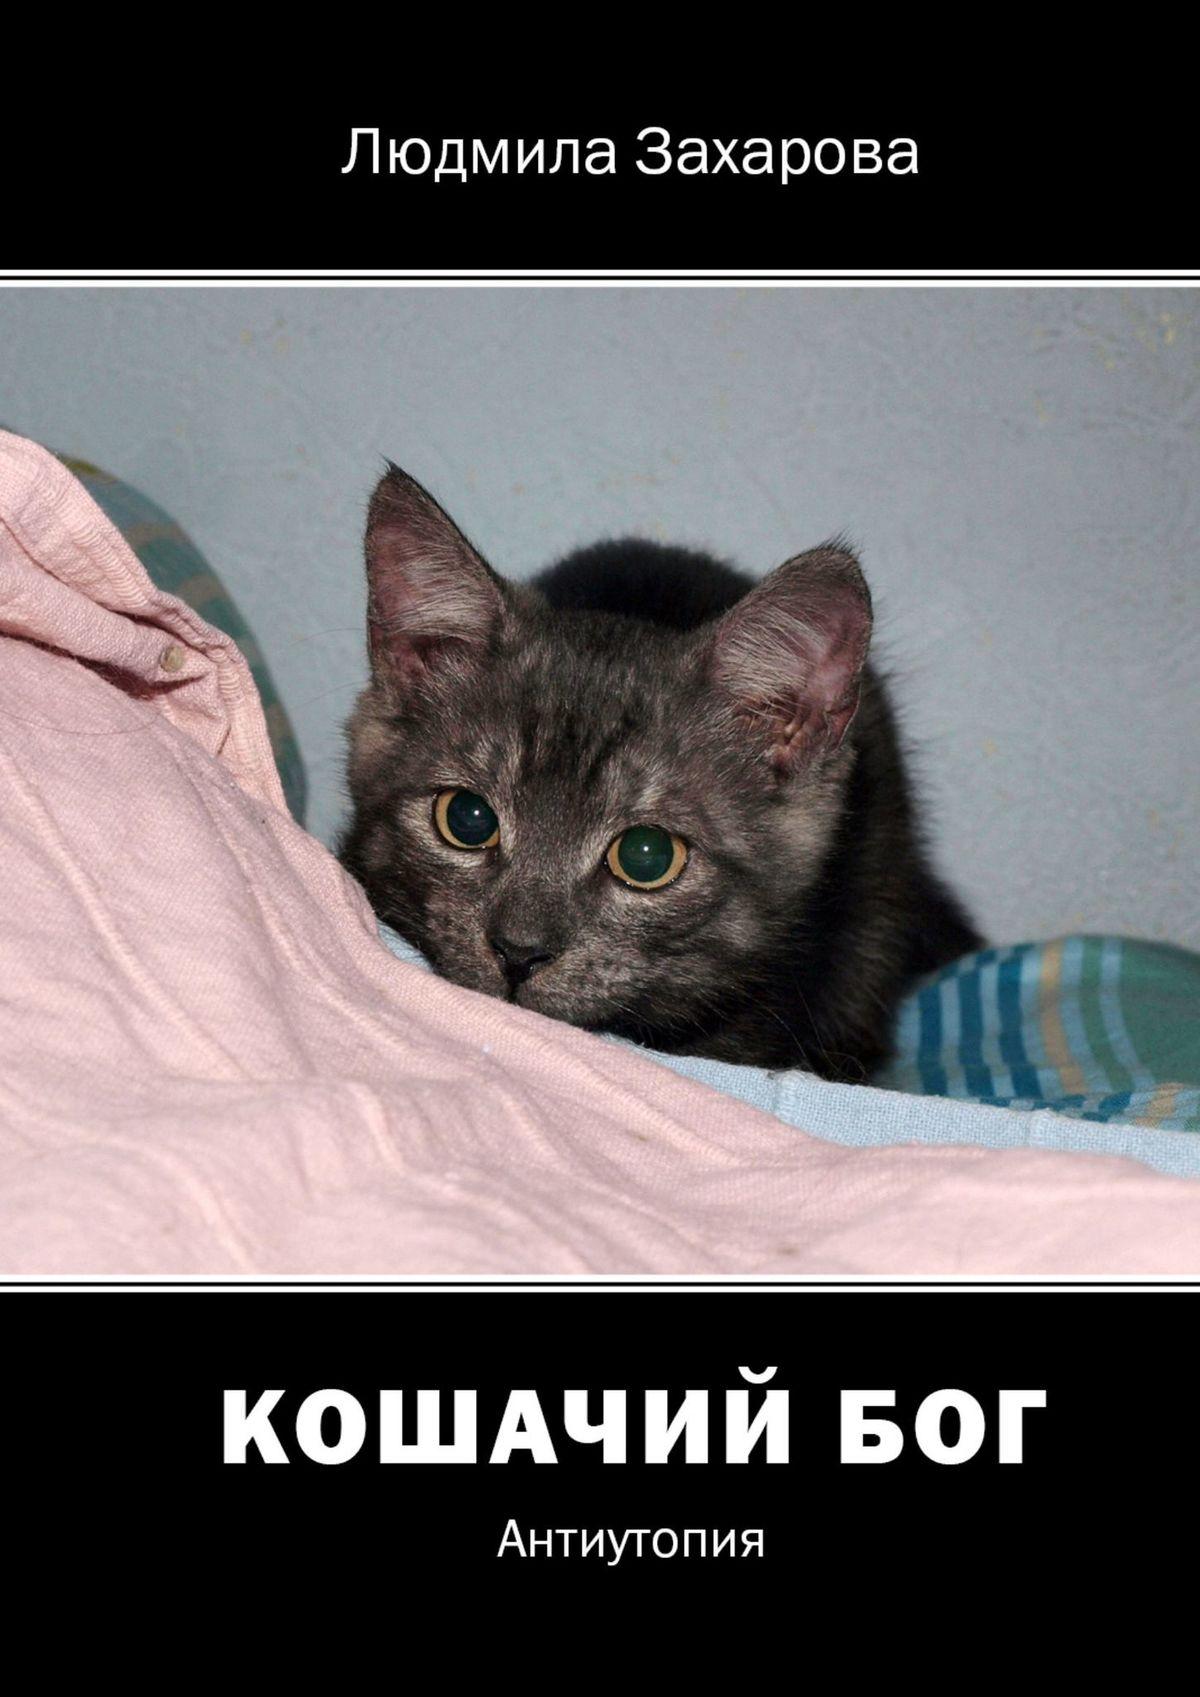 Людмила Захарова Кошачий Бог. Антиутопия о кошках и собаках